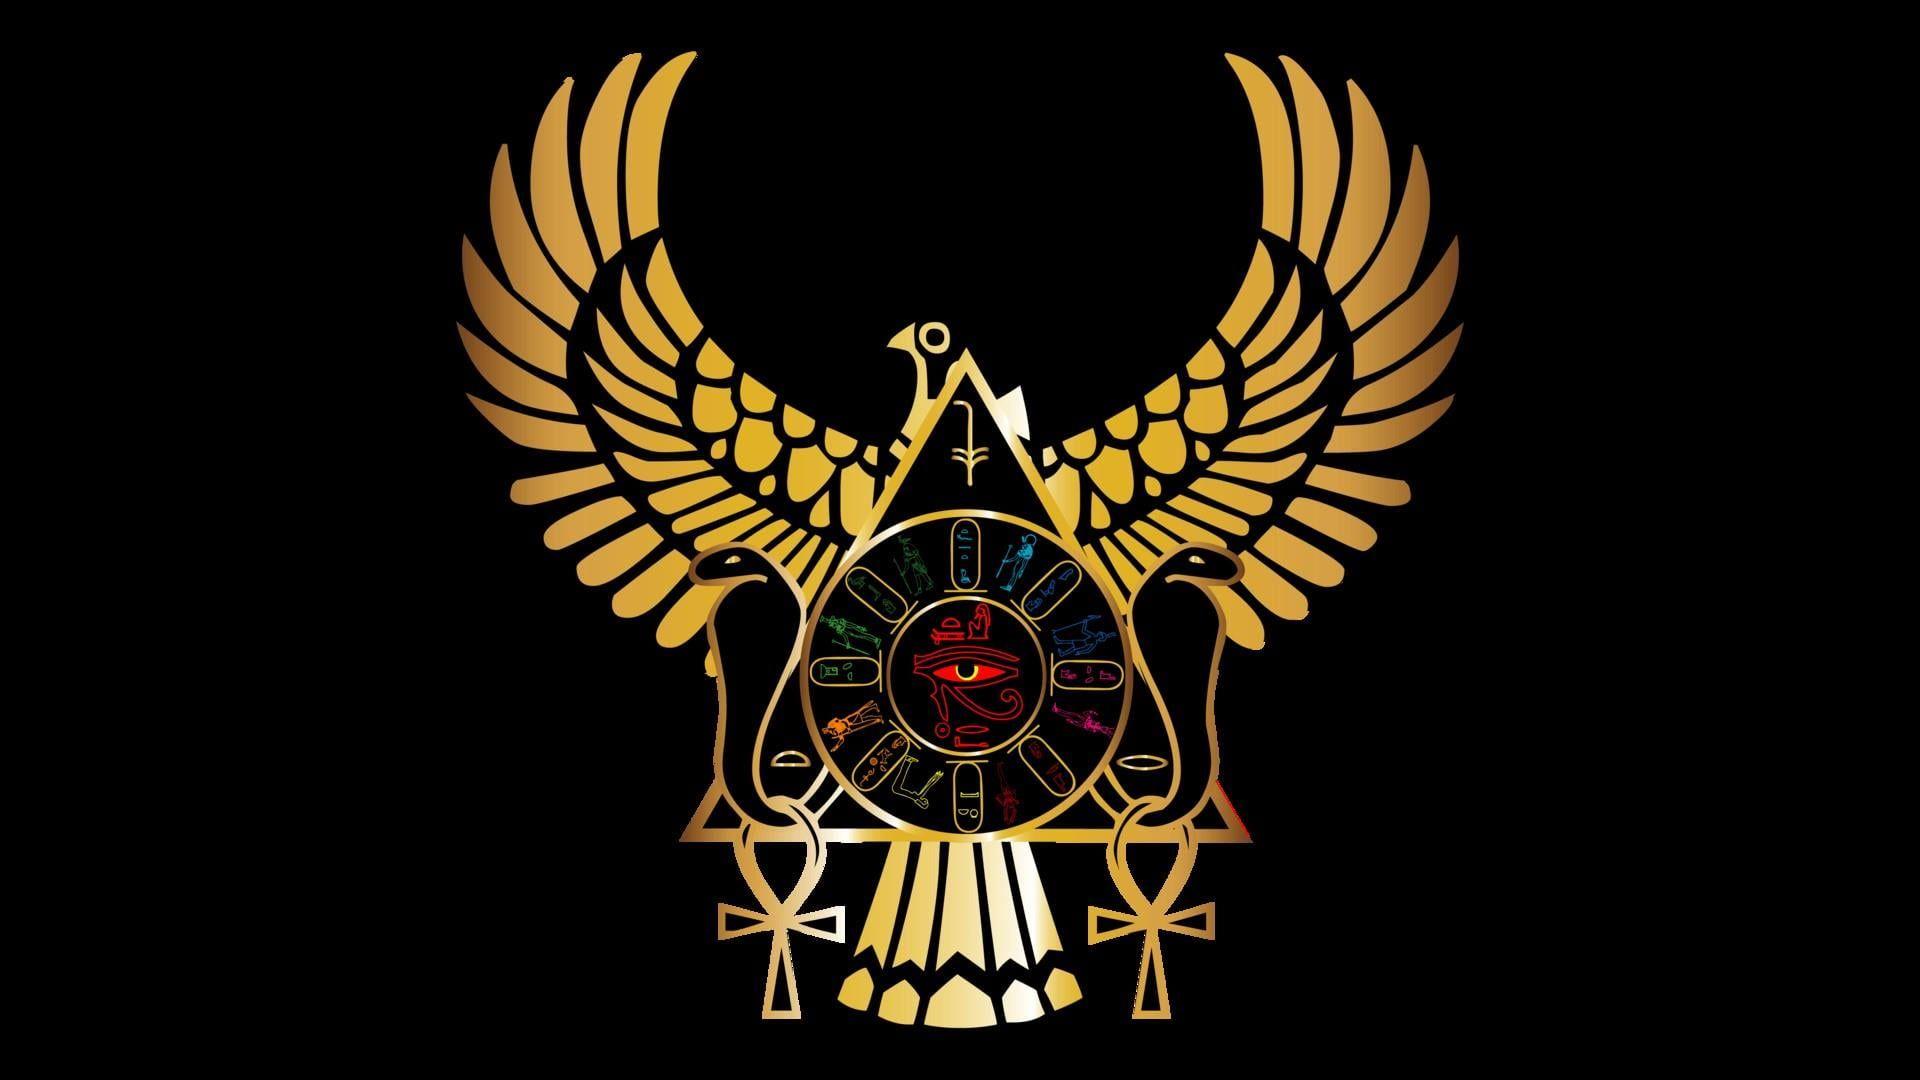 Egypt Tutankhamun Ancient Egypt Symbol Spirit Inspiration Drawing 1080p Wallpaper Hdwallpaper Desktop In 2021 Egyptian Gods Egyptian Art Egyptian